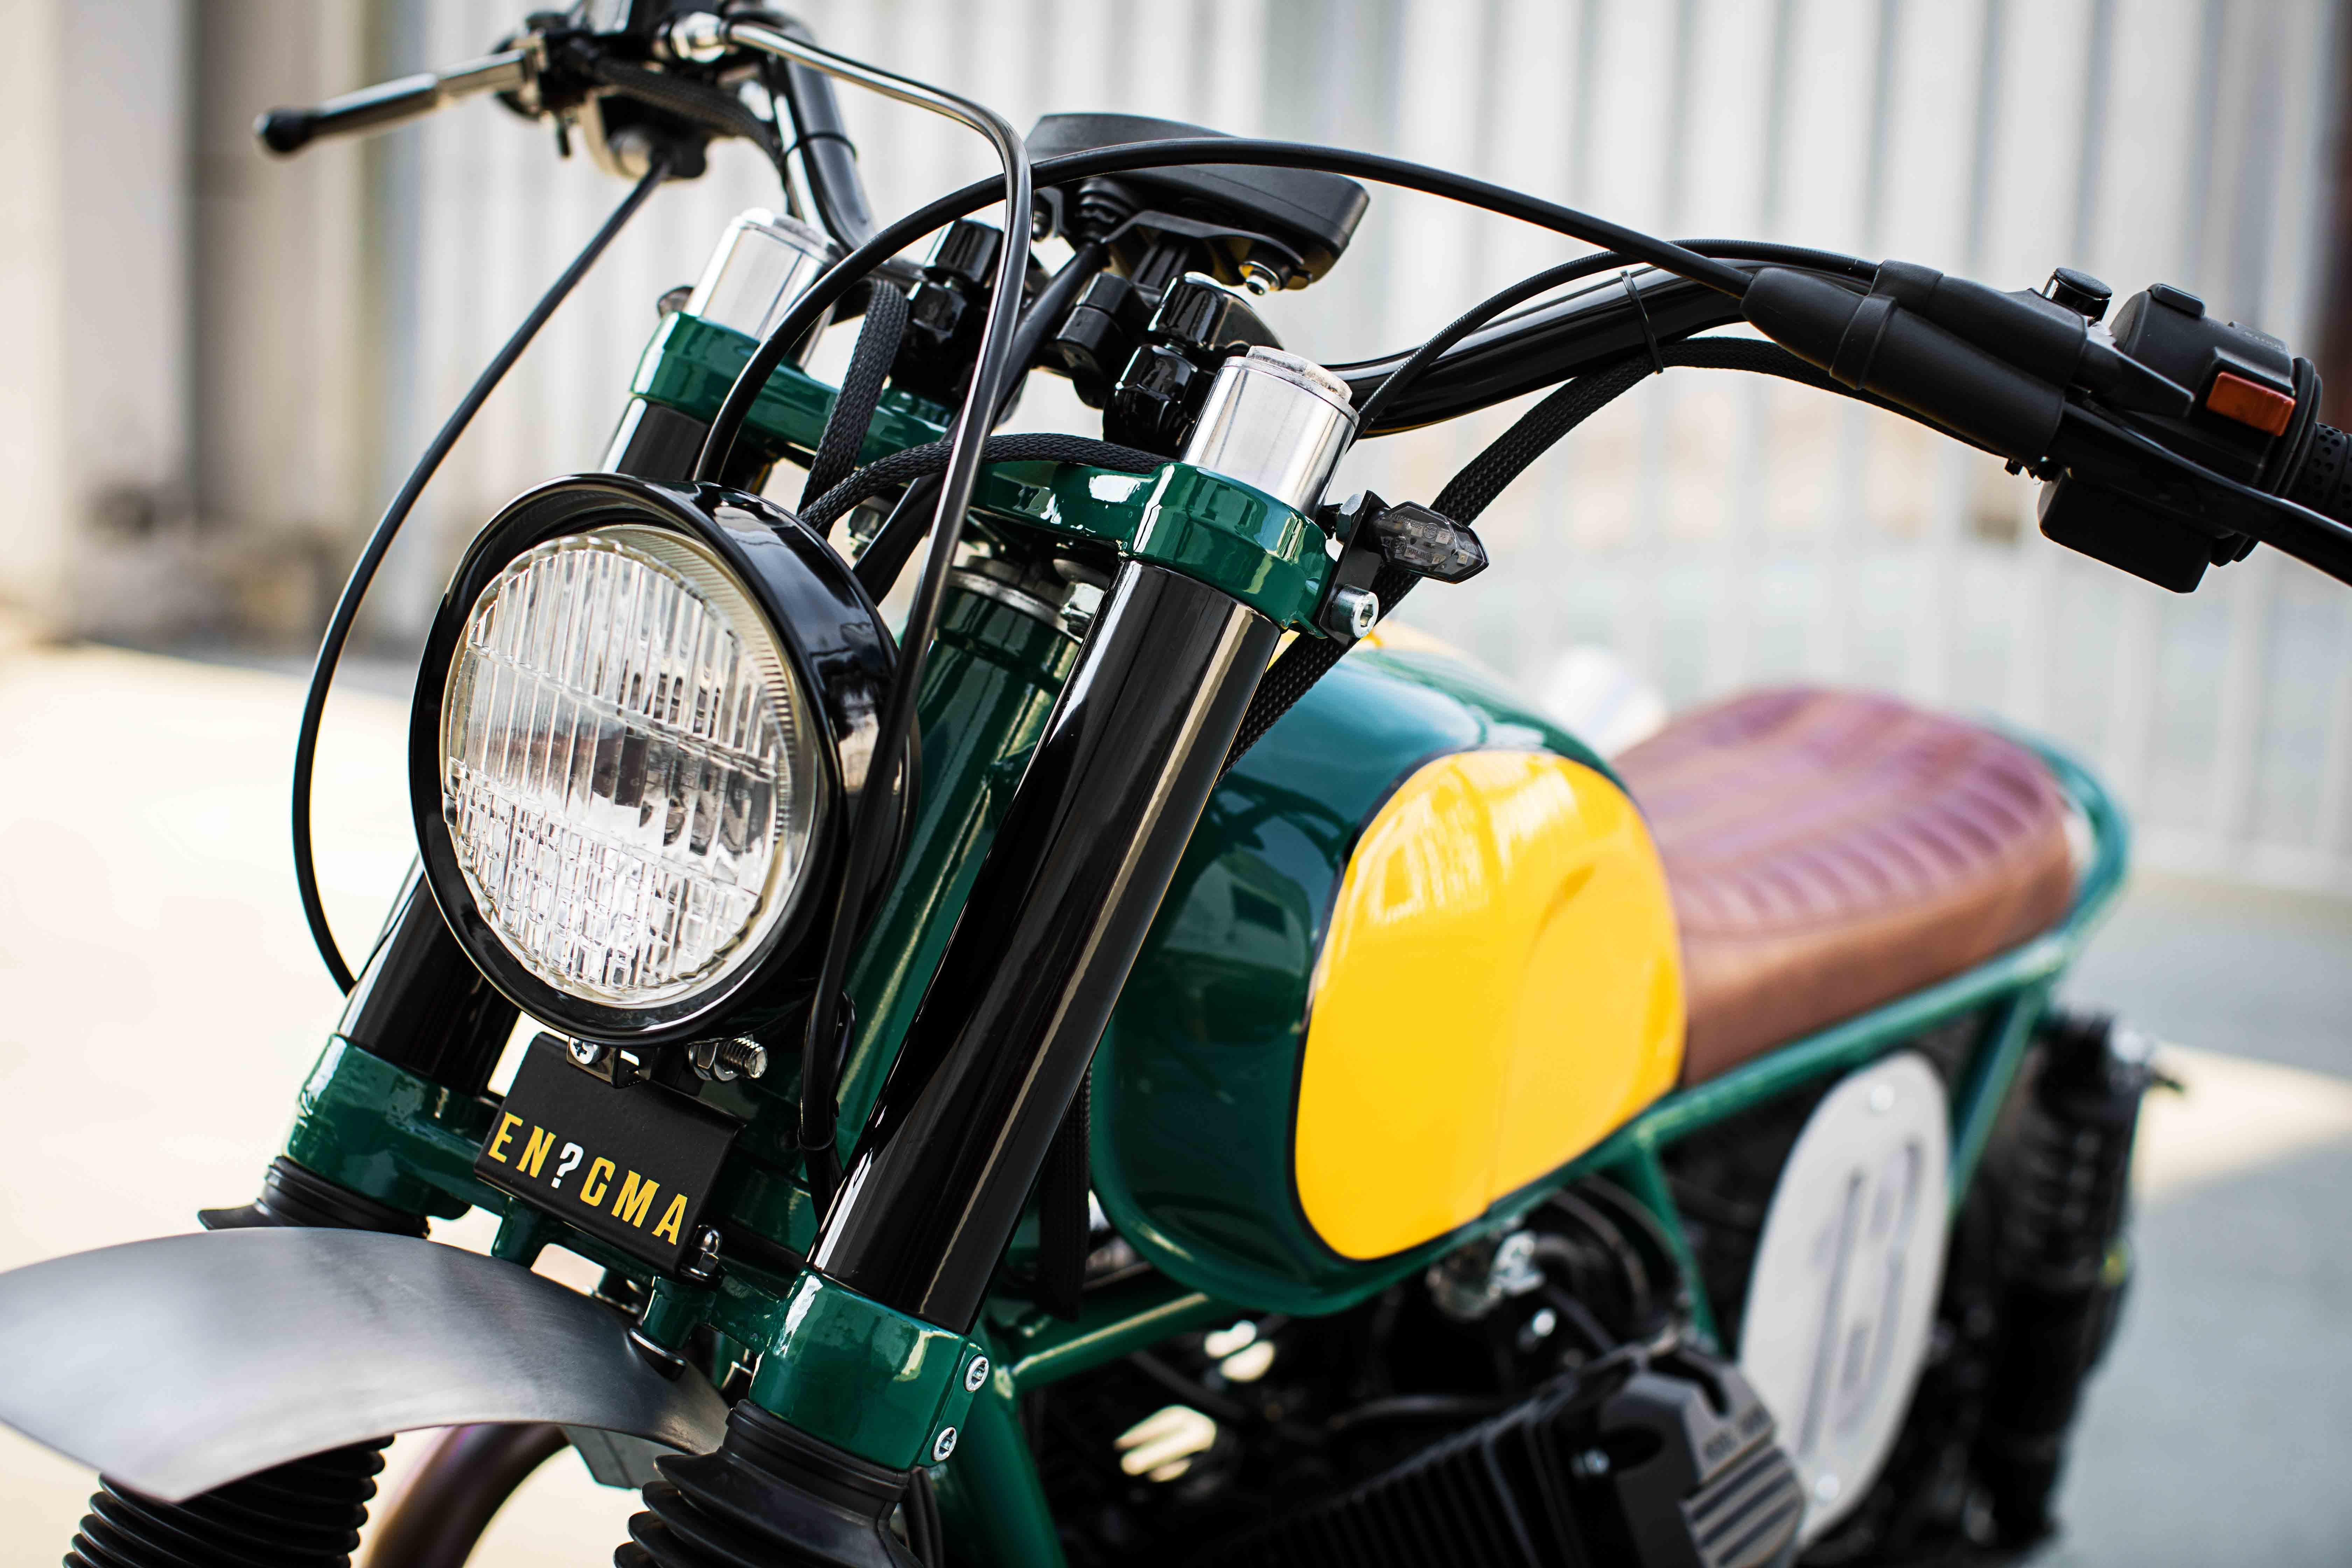 Bombay-13-Moto-Guzzi-Rust-and-Glory-9